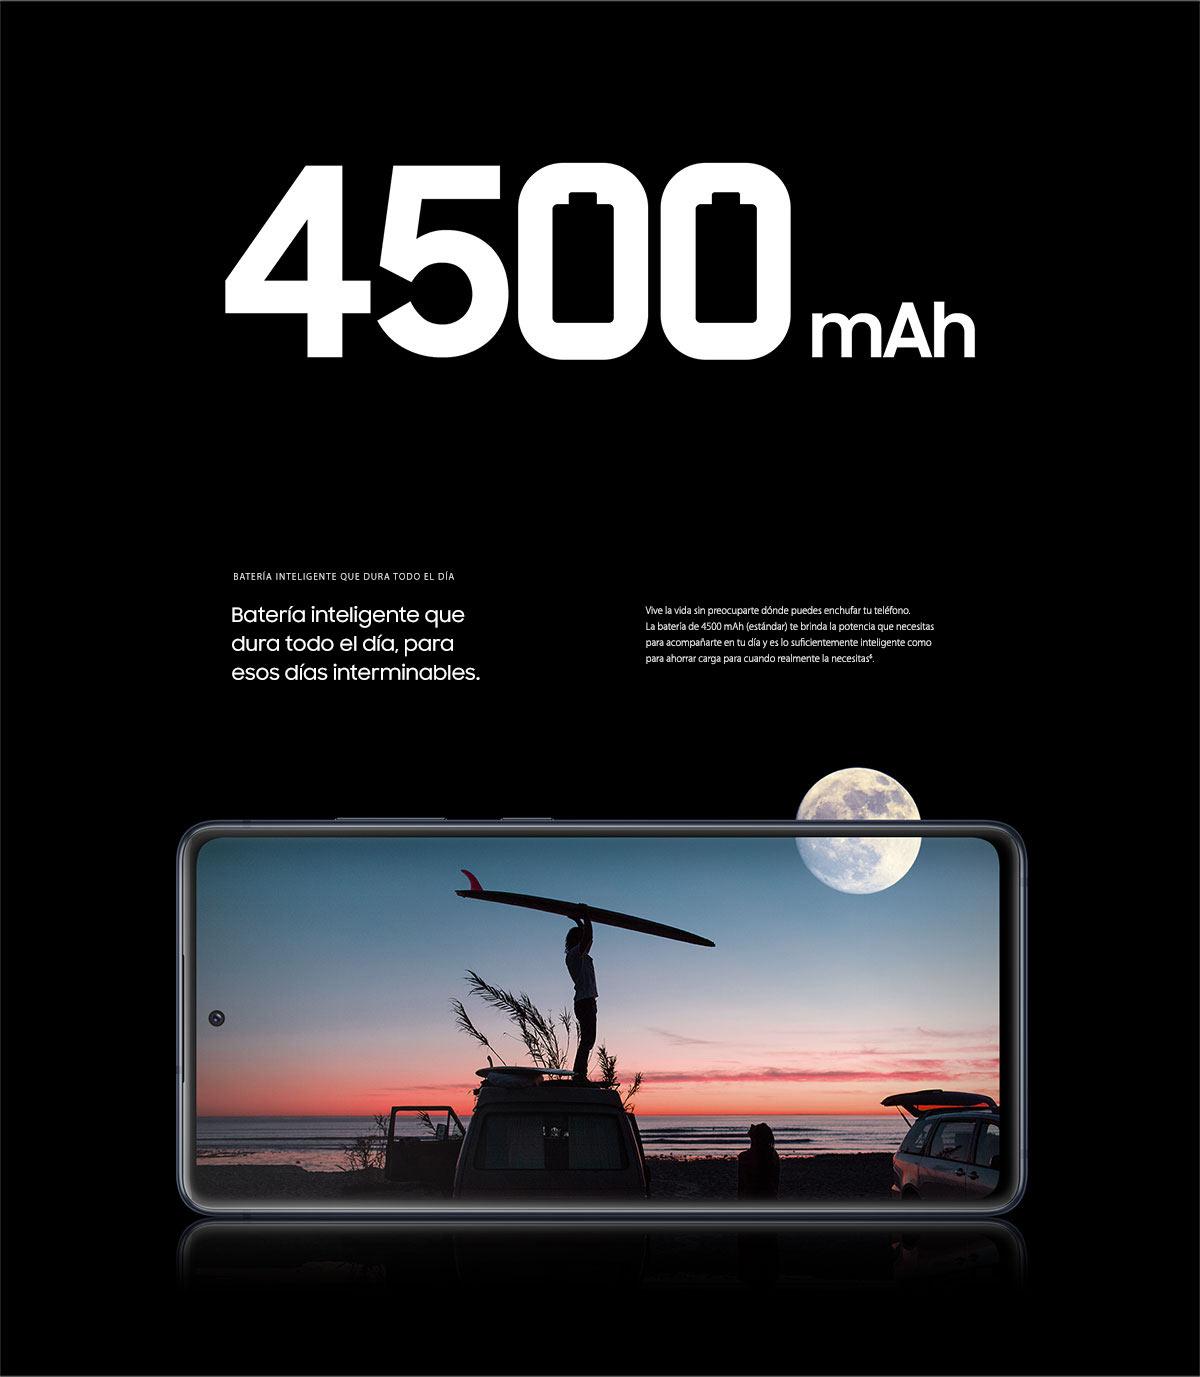 4500 mah